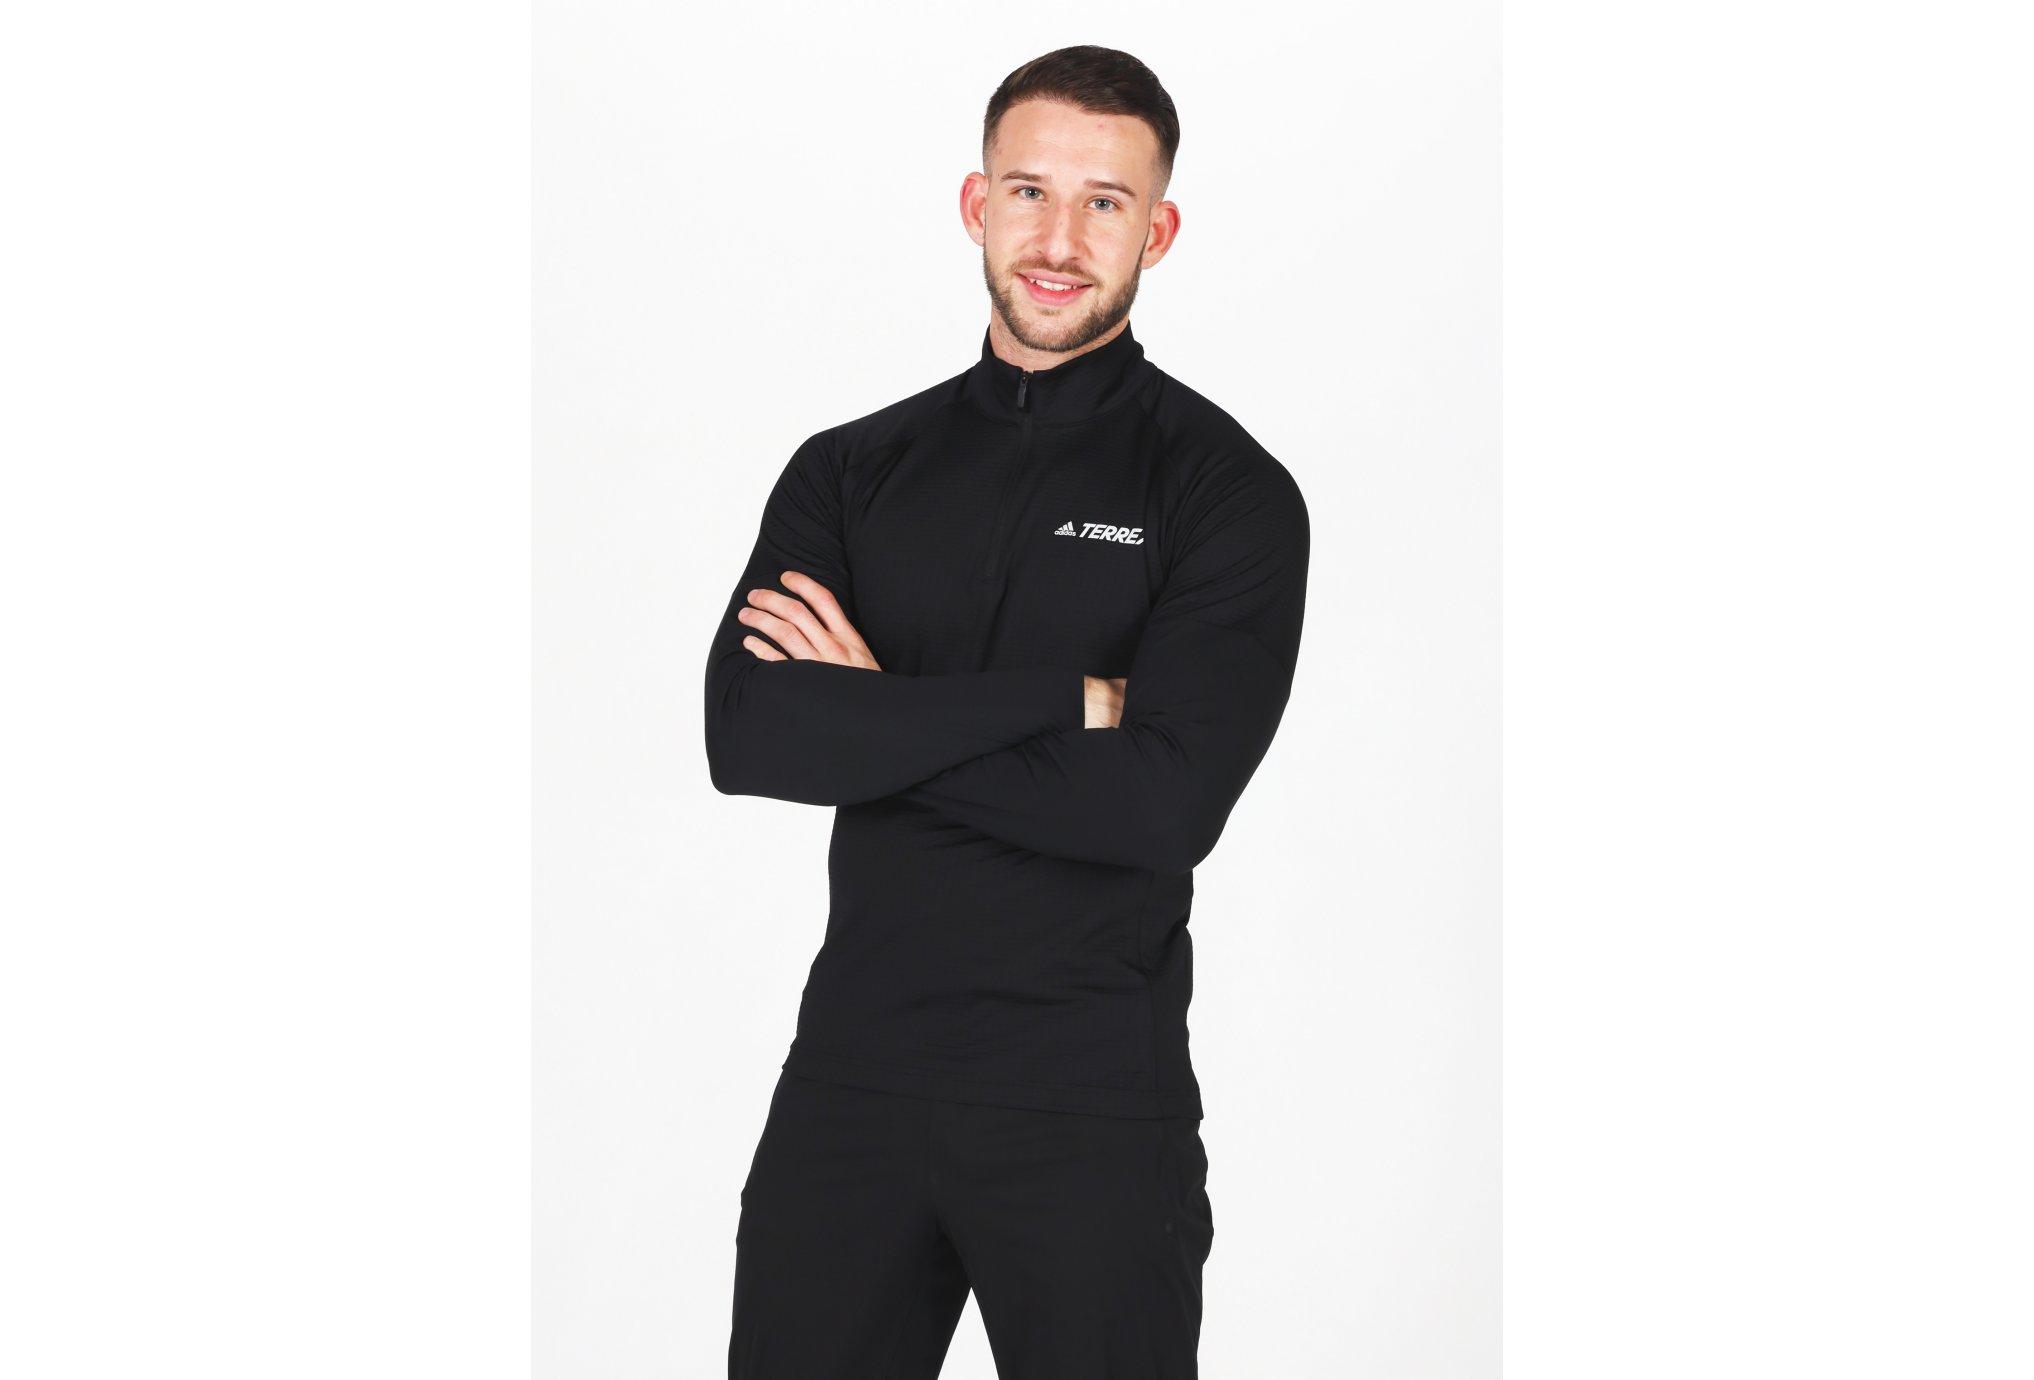 adidas Terrex Agravic XC M Diététique Vêtements homme